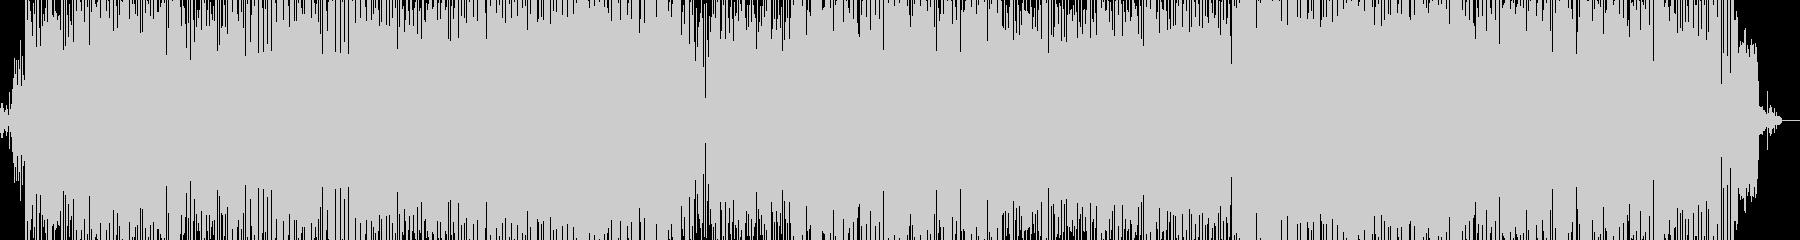 何かが始まるEDMの未再生の波形